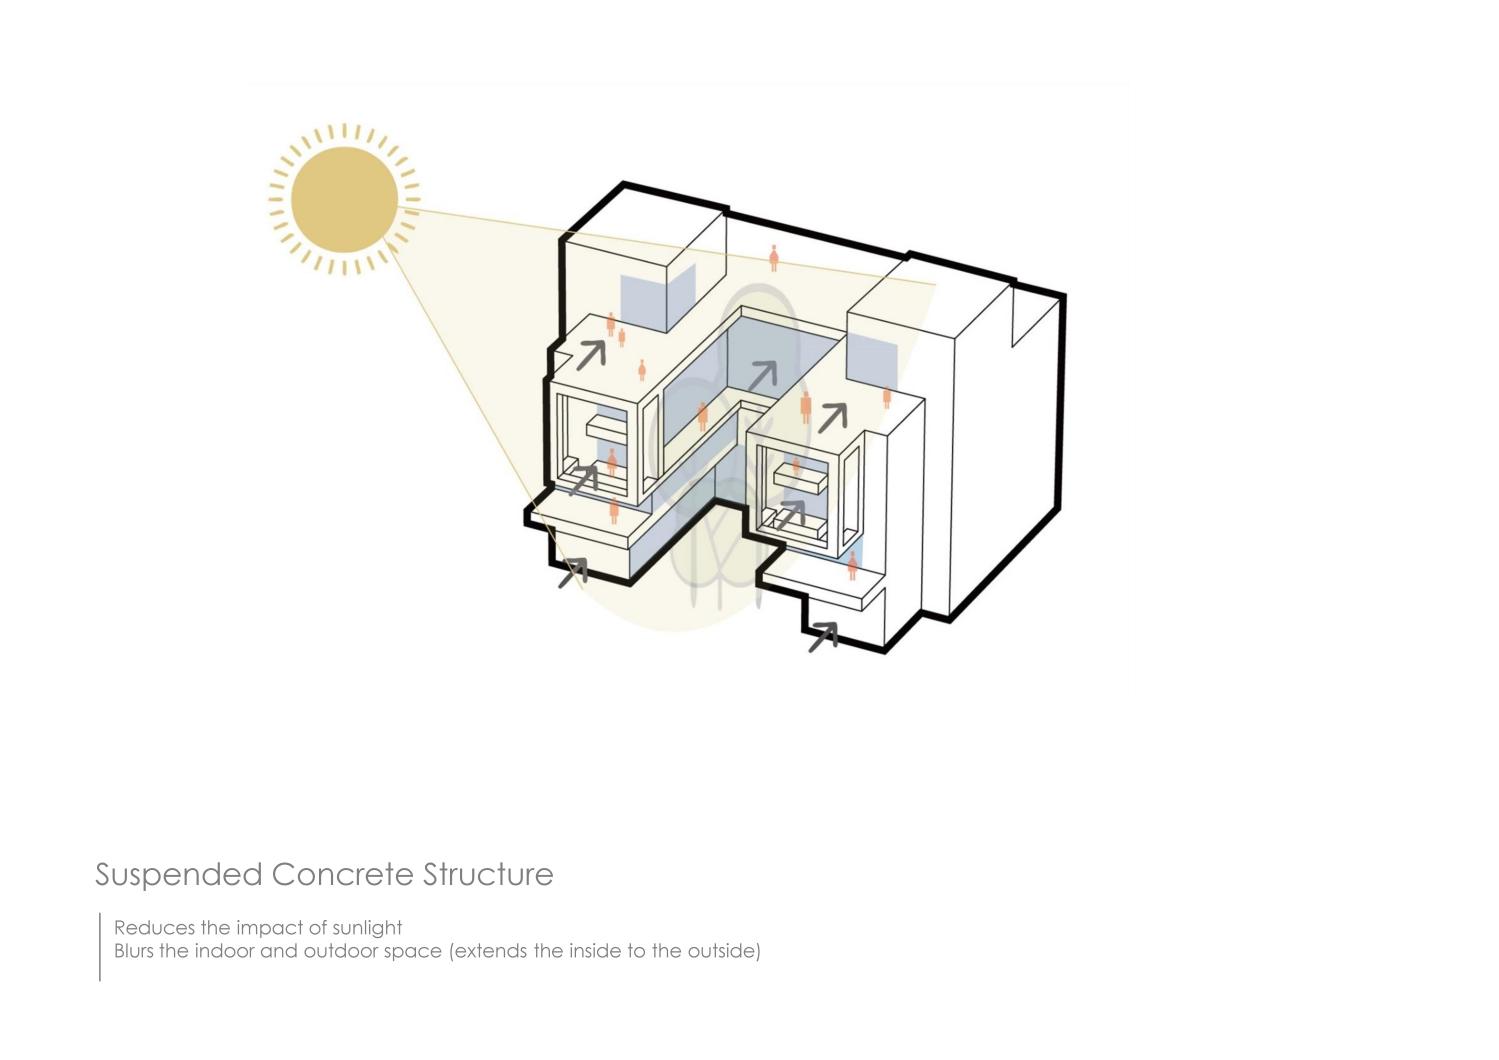 Suspended Concrete Structure Chain10 Architecture & Interior Design Institute}